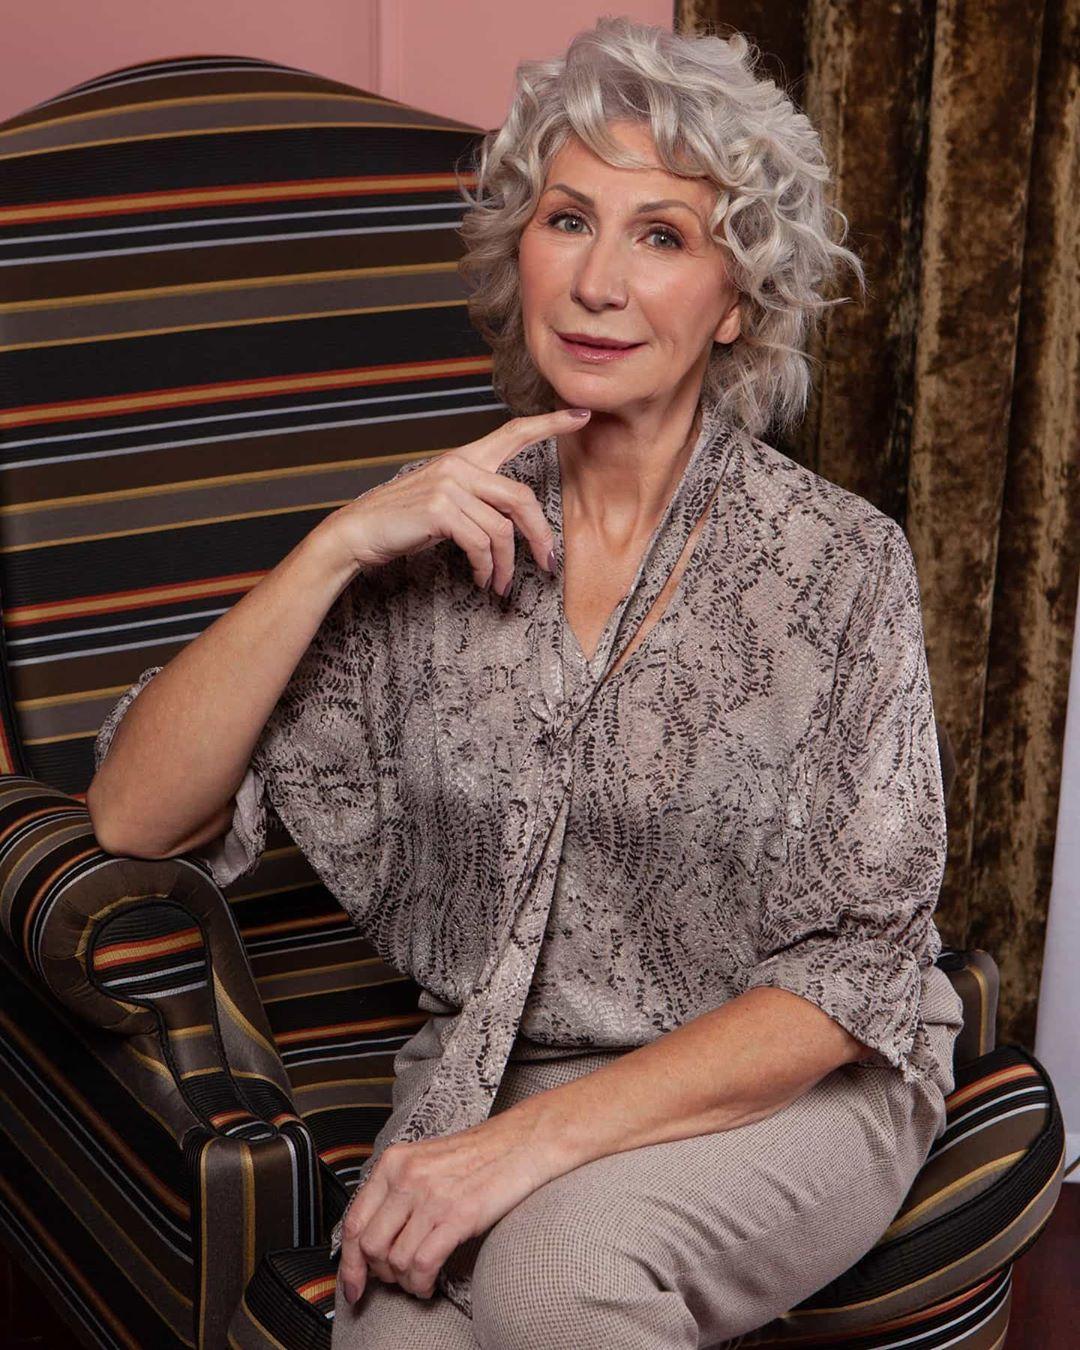 короткие стрижки для женщин после 50 лет фото 3